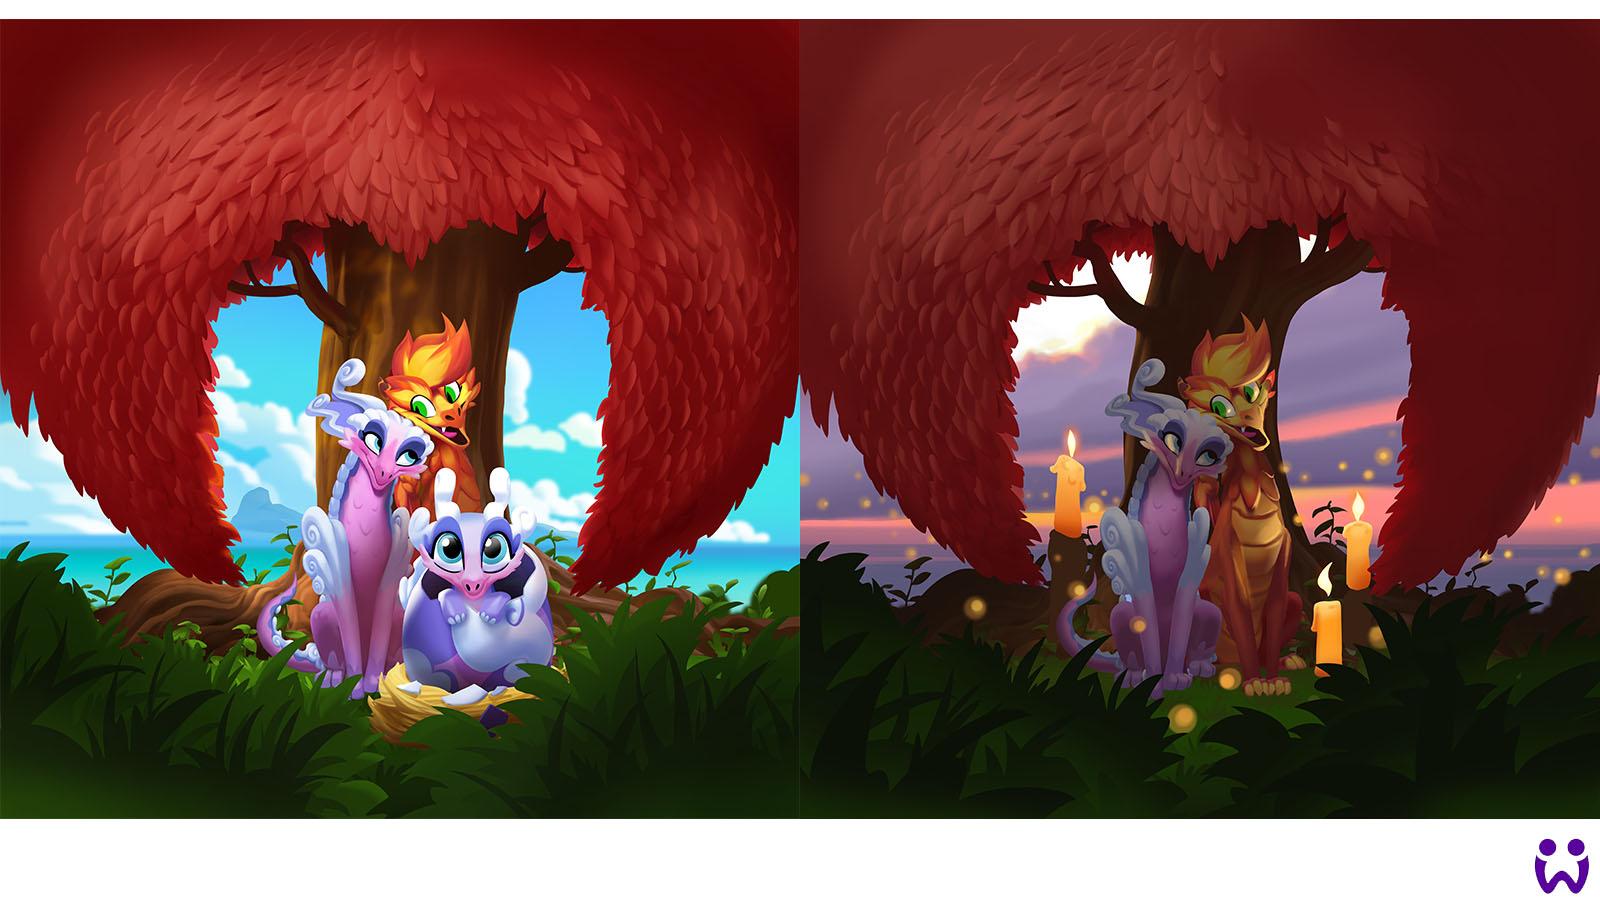 """24 von 25, die Hauptmarketingillustration in zwei Beleuchtungssituationen. Für das Mobilegame """"Wonderlings"""" von Wooga"""